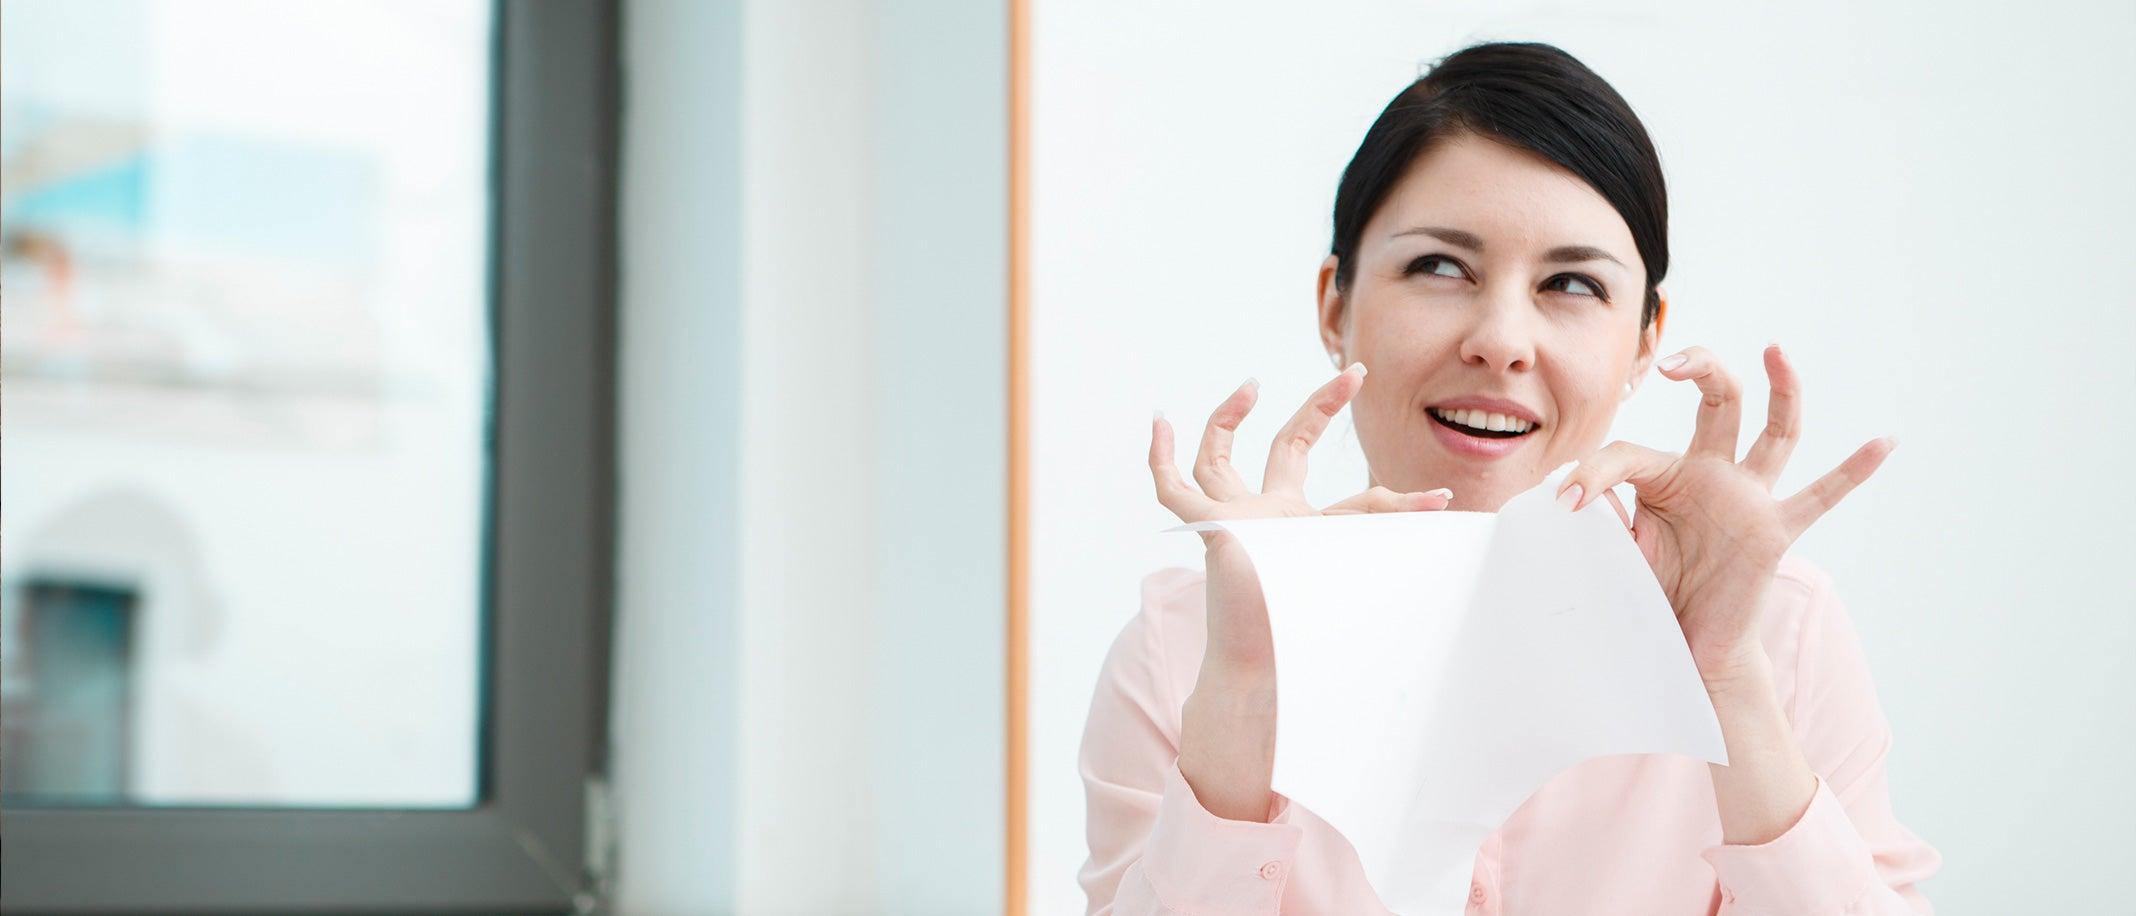 Handyvertrag Kündigen Einfach Schnell Und Kostenlos Zur Kündigung